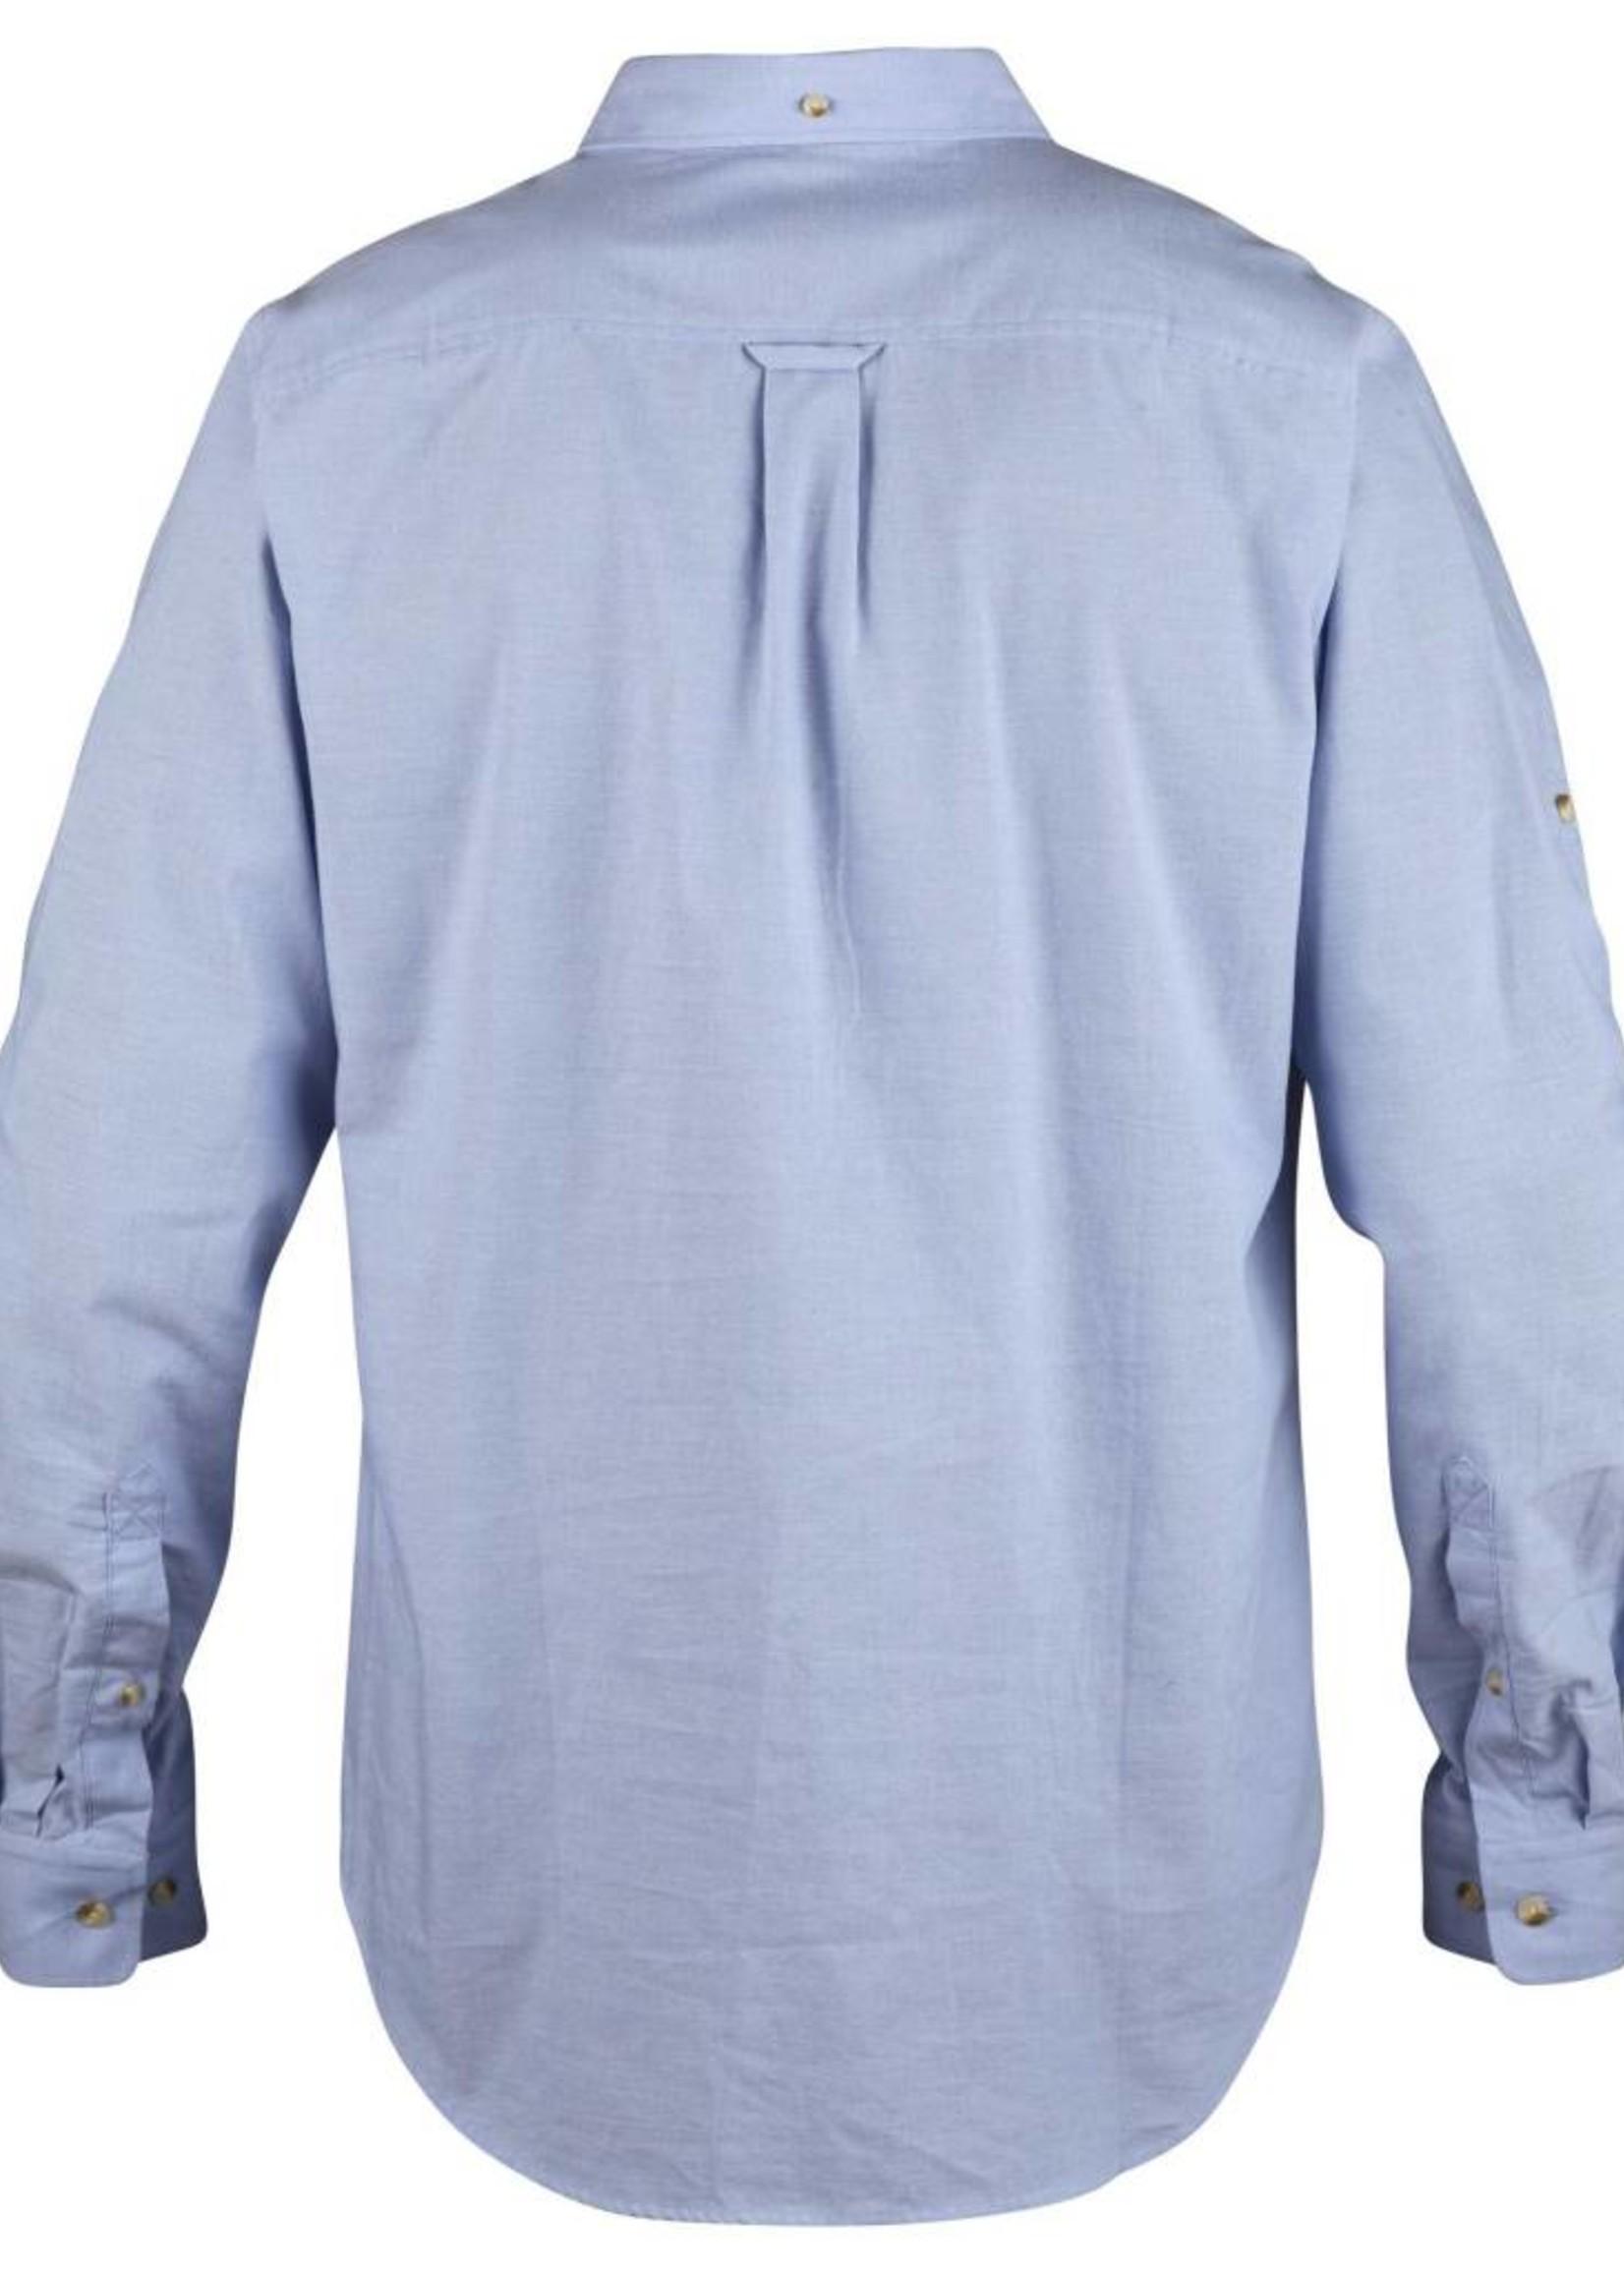 FJALL RAVEN FJALL RAVEN chambray shirt